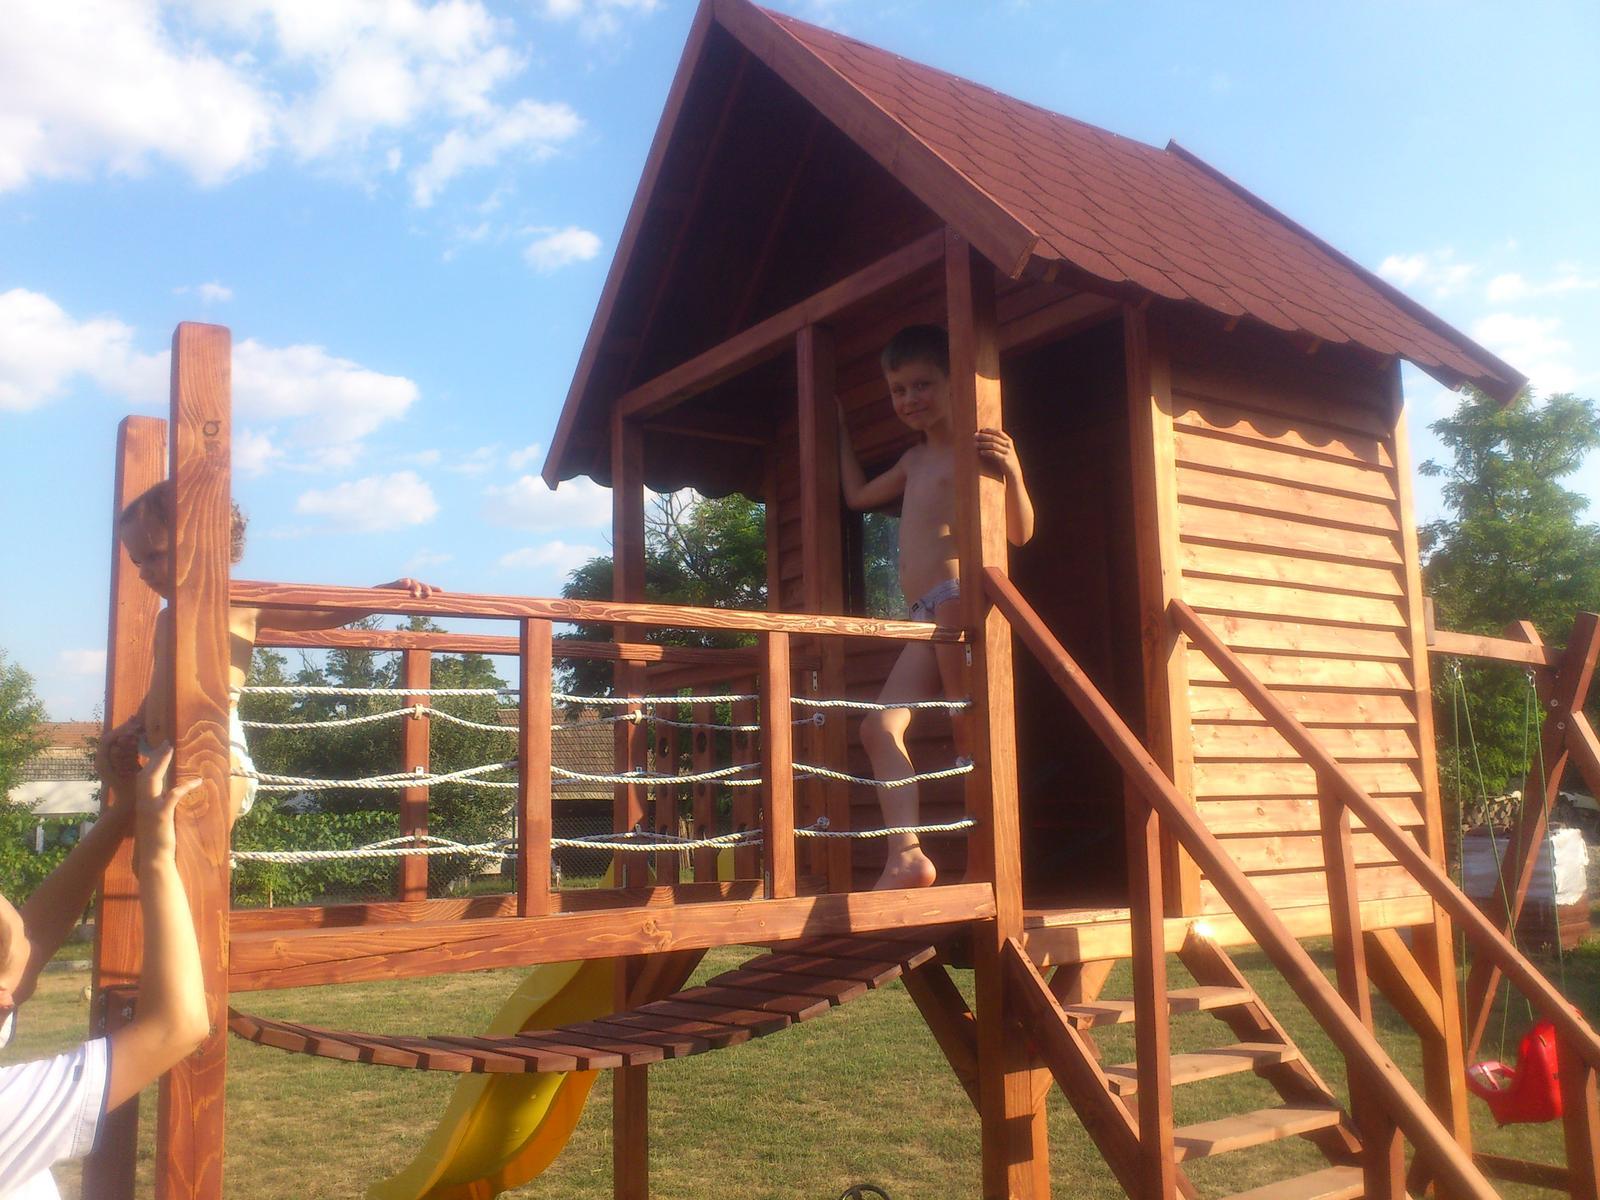 Detský drevený domček - 22.07.2015 už sa aj testovalo :-)